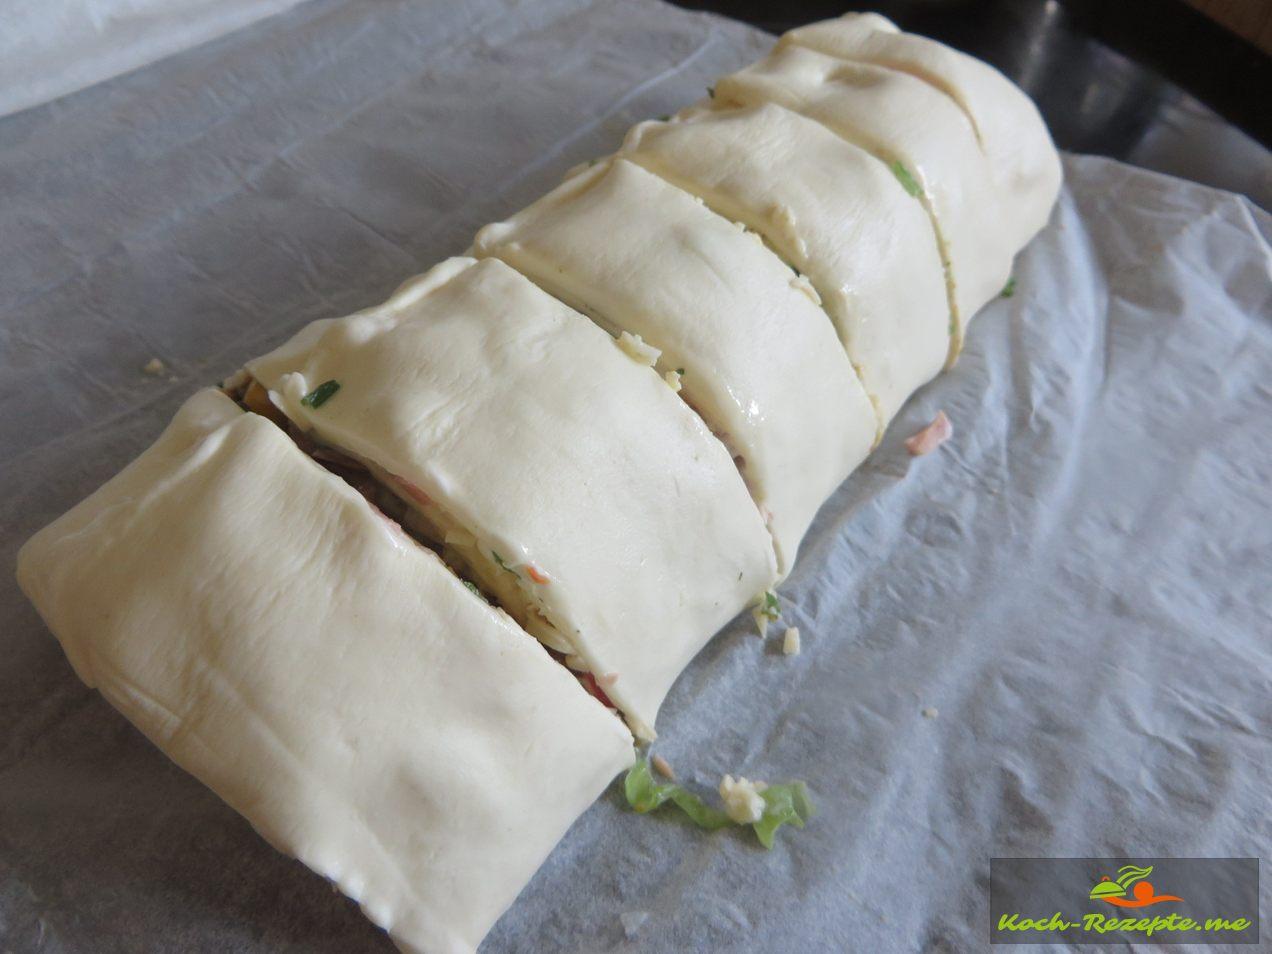 Blätterteig in Stücke schneiden, aufs Backblech ausbacken bei 220 Grad O/U Hitze 20 Minuten